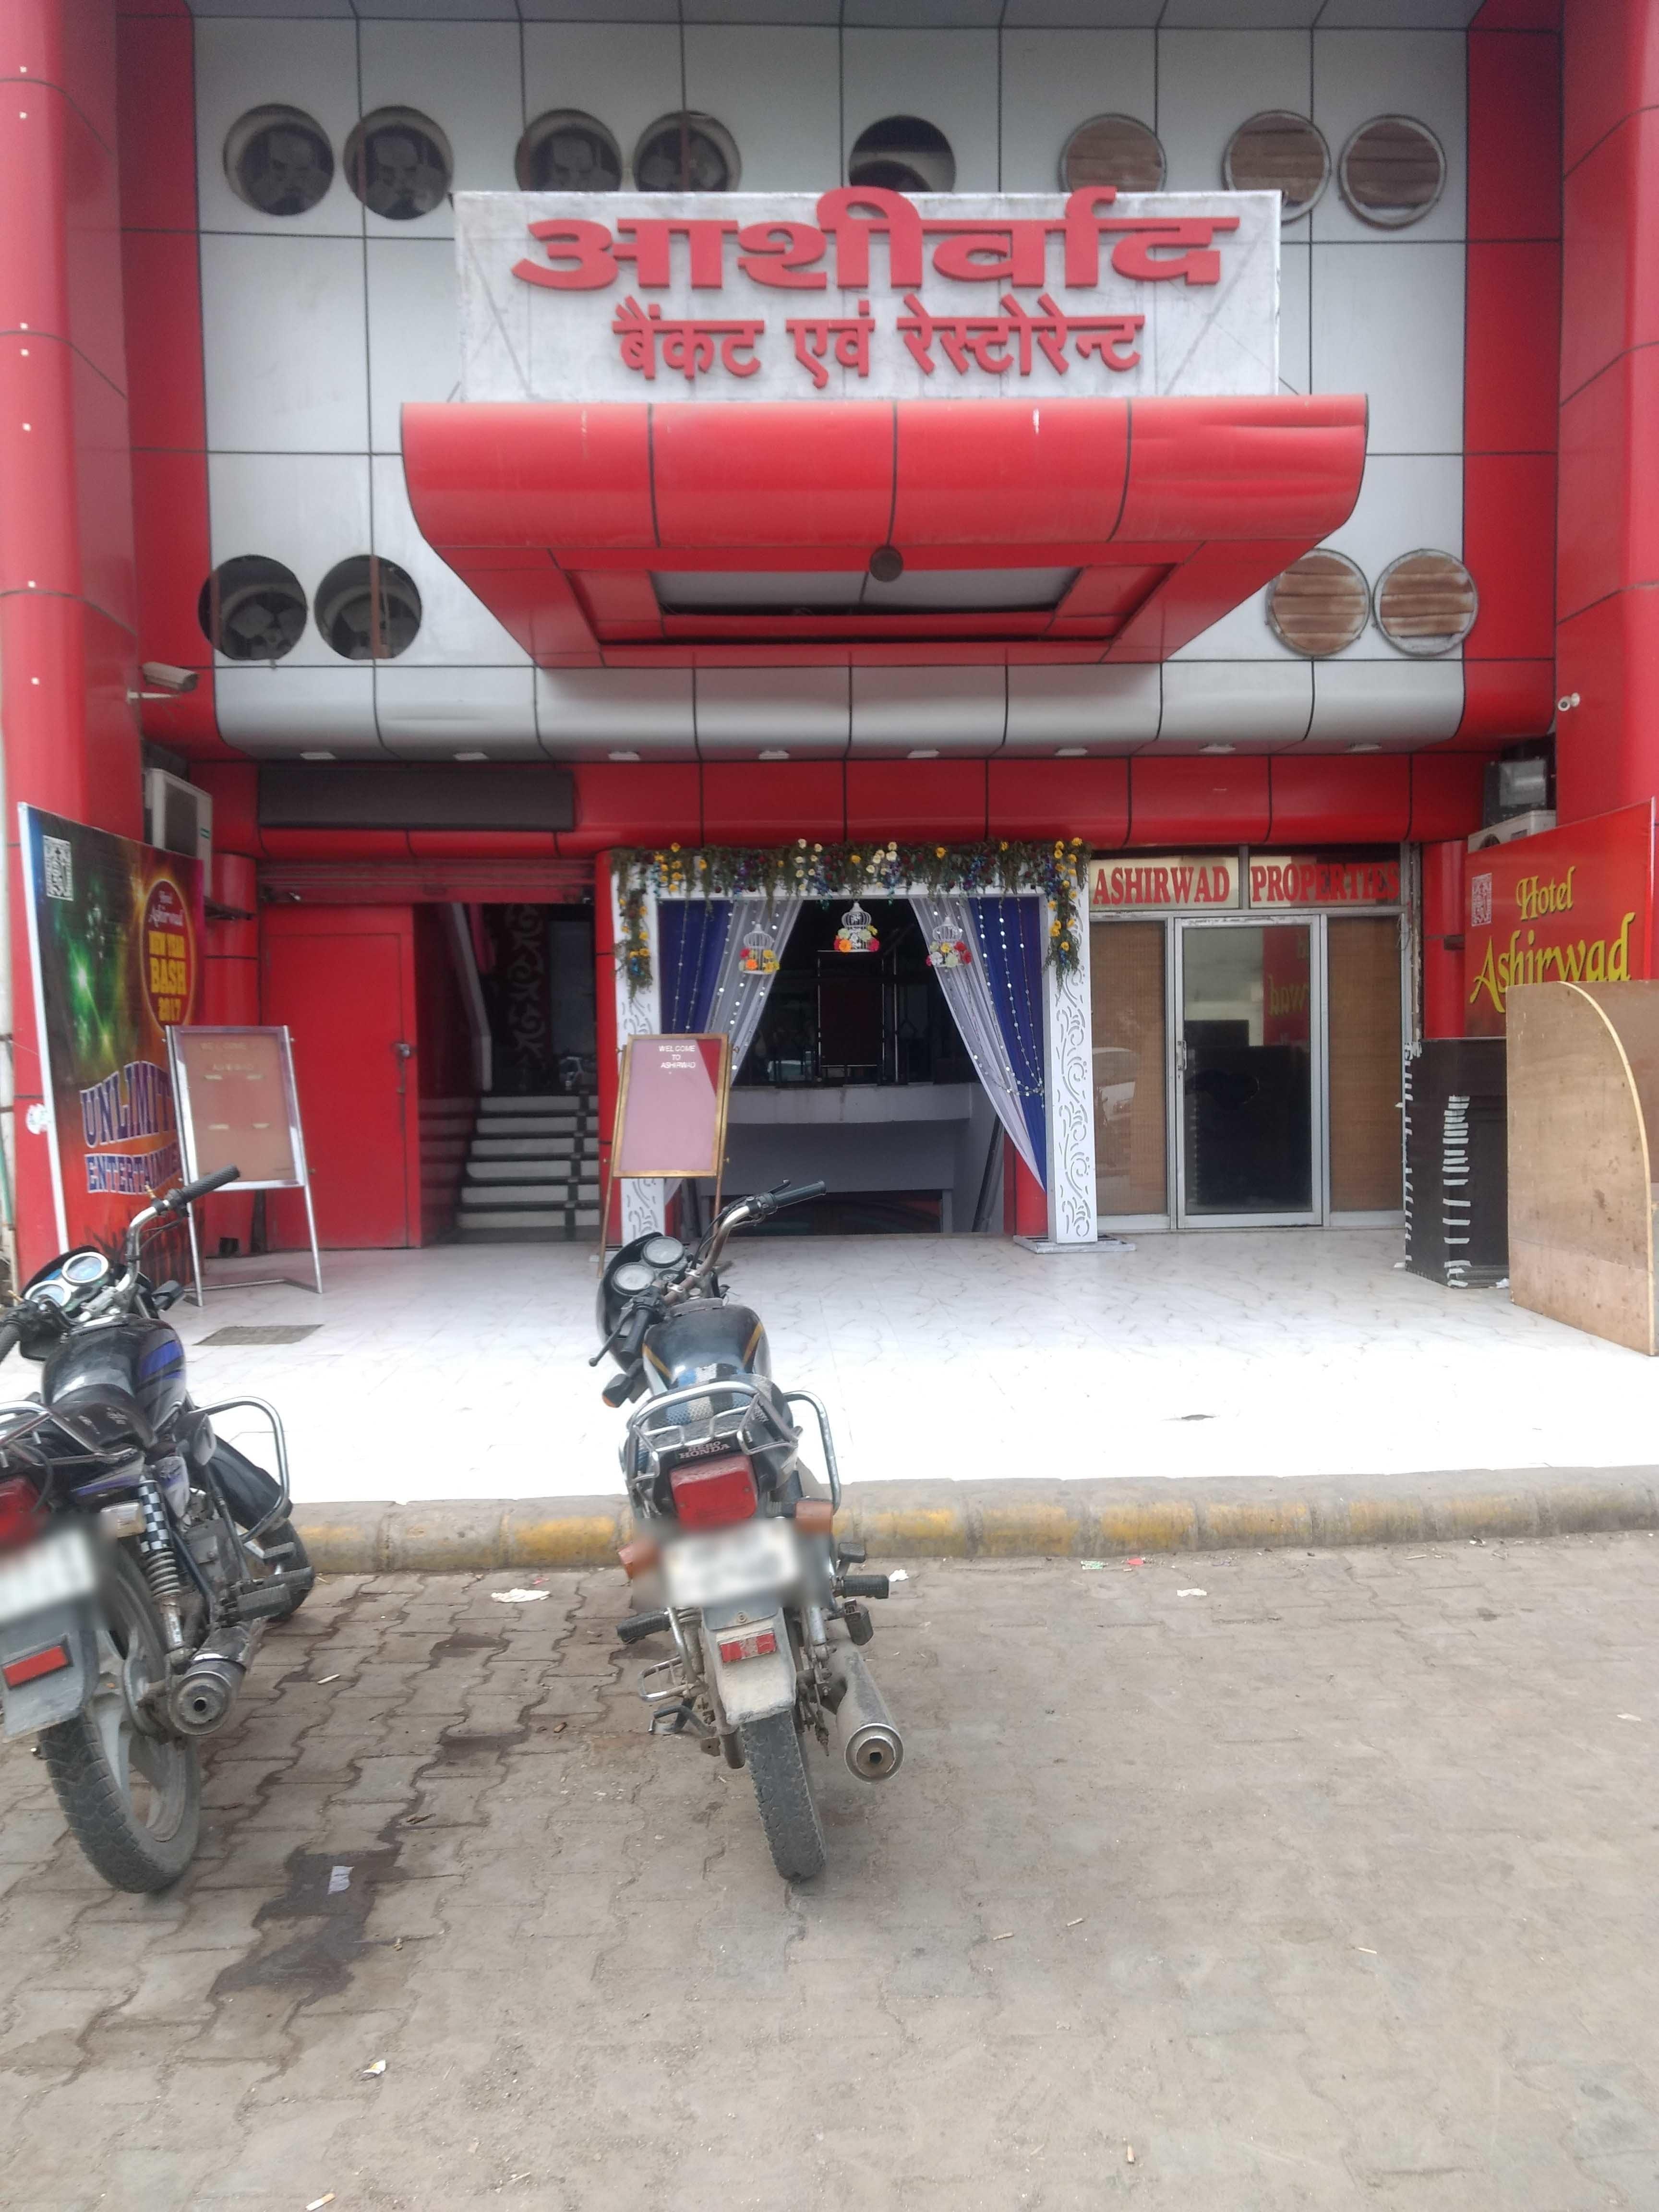 Ashirwad - Sector 16 - Faridabad Image